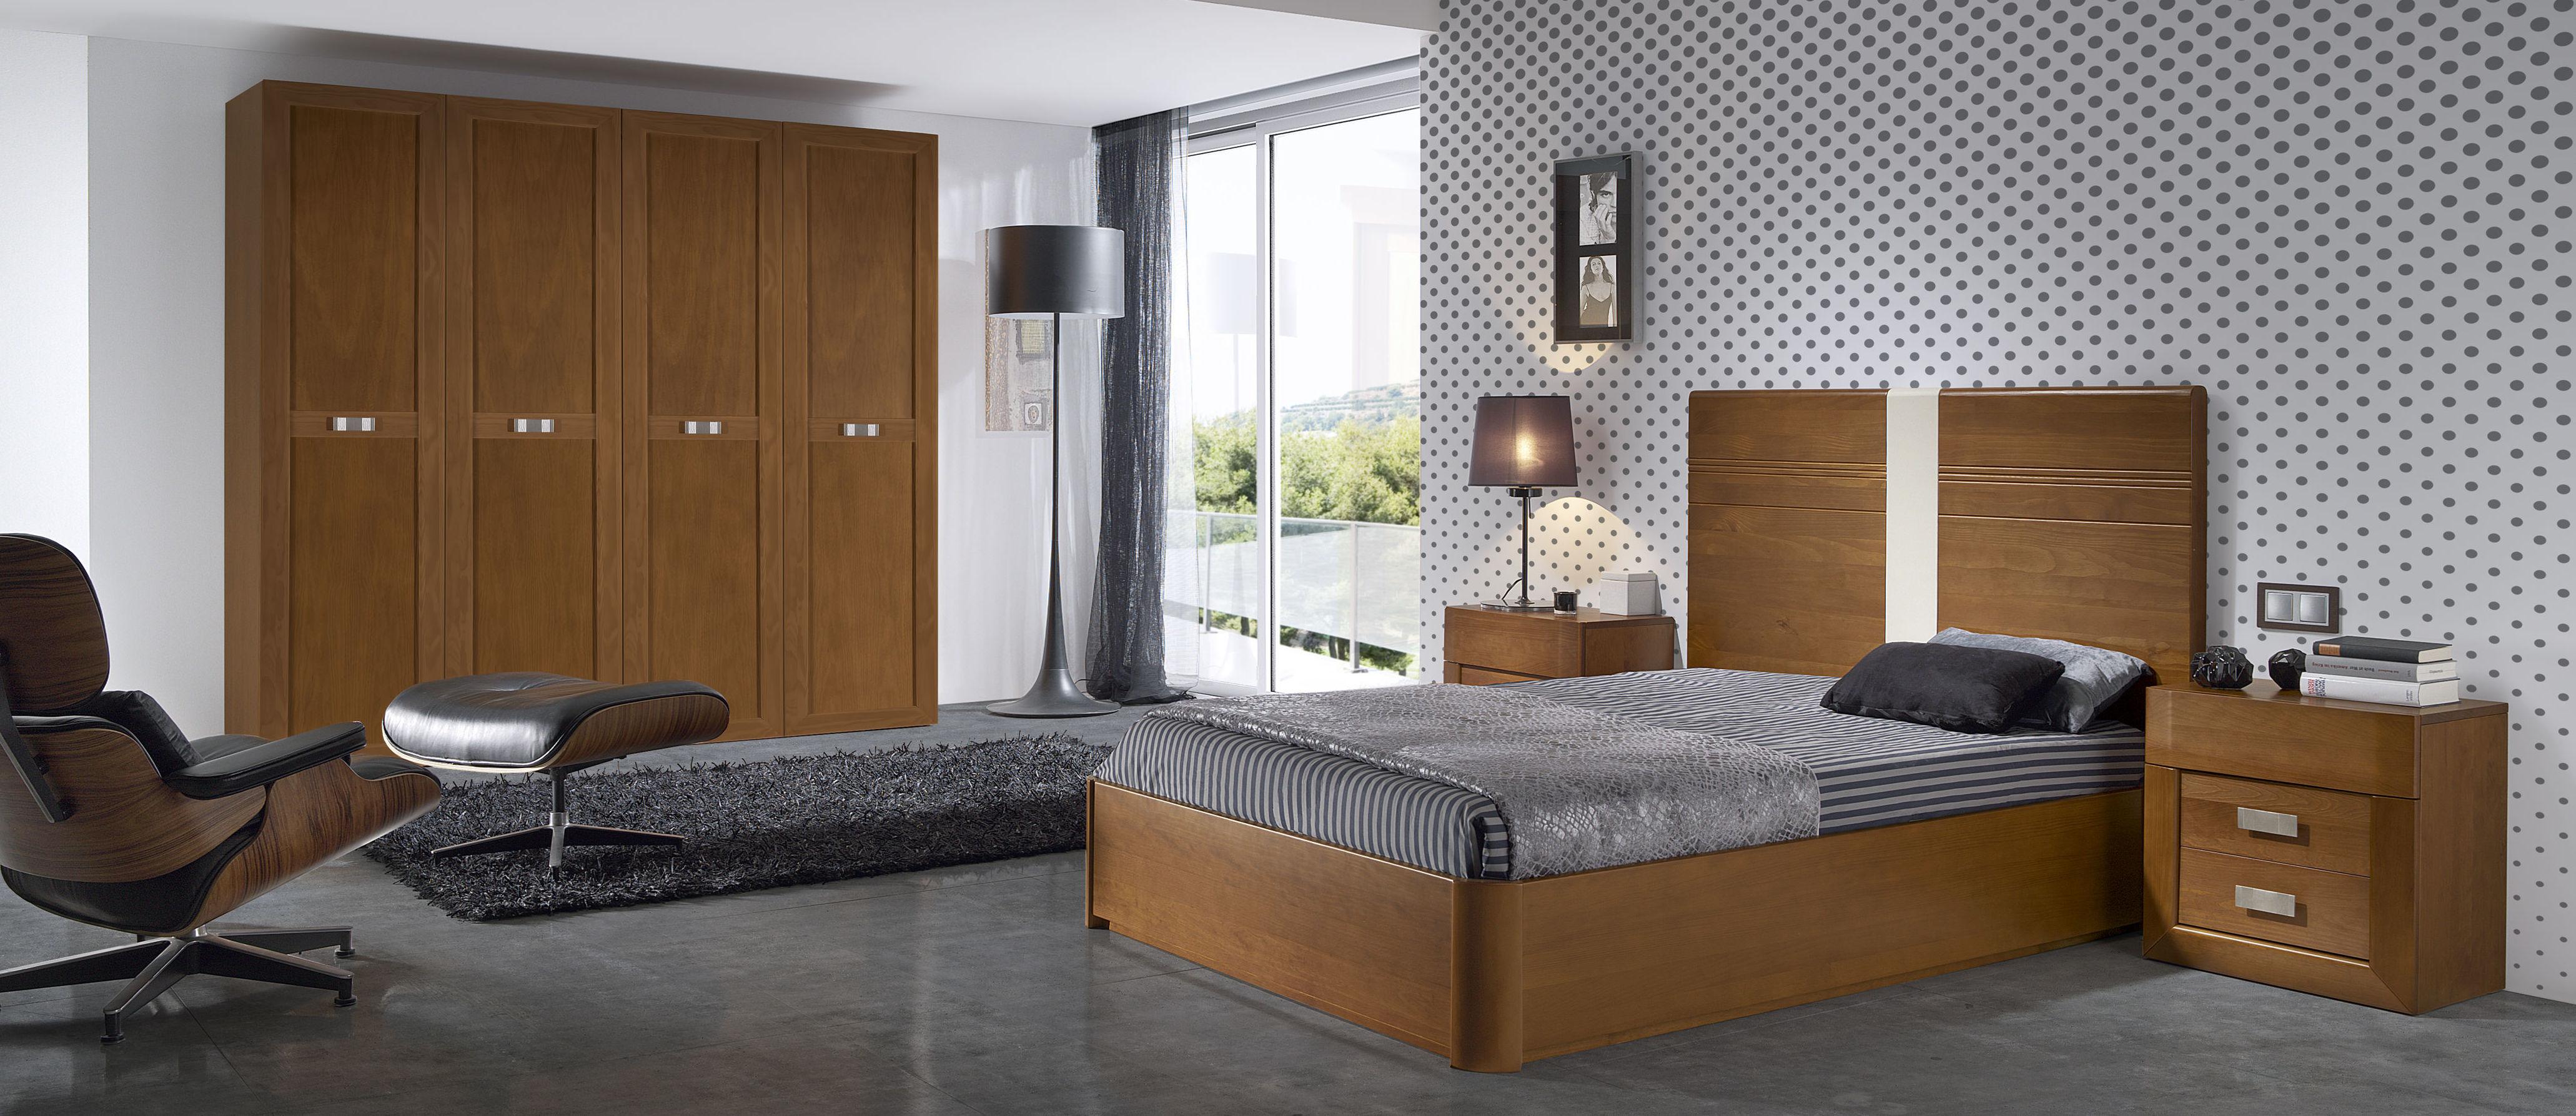 dormitorio matrimonio clasico : Muebles y decoración de Capitoné Mobles